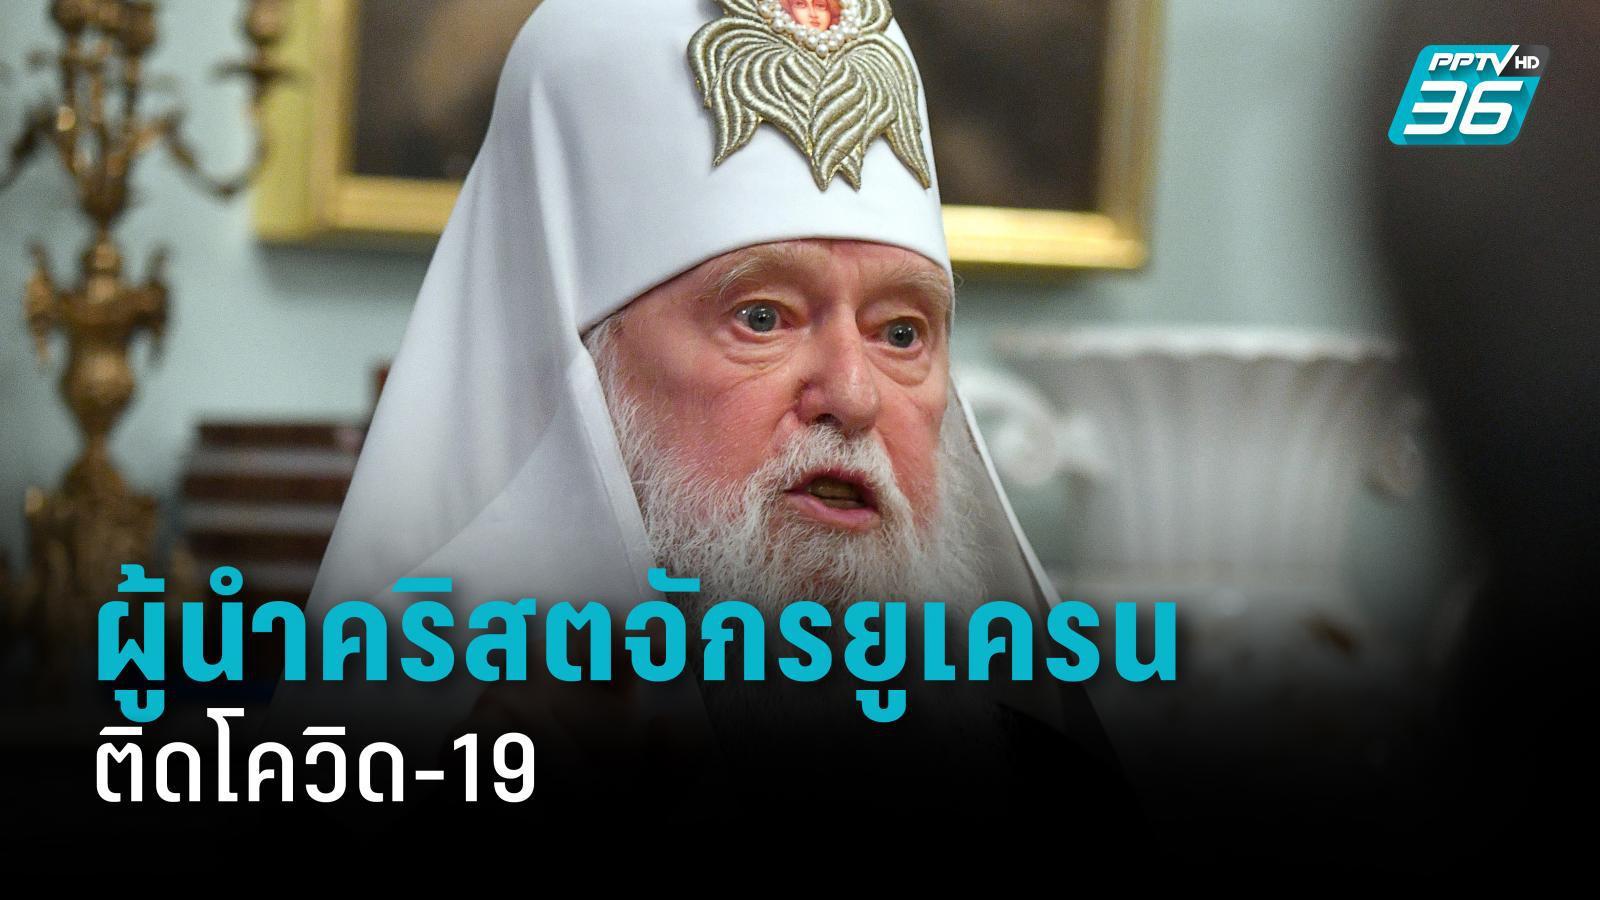 ผู้นำคริสตจักรยูเครนติดโควิด-19 หลังบอกว่าพระเจ้าส่งมาเพื่อลงโทษกลุ่ม LGBTQ+